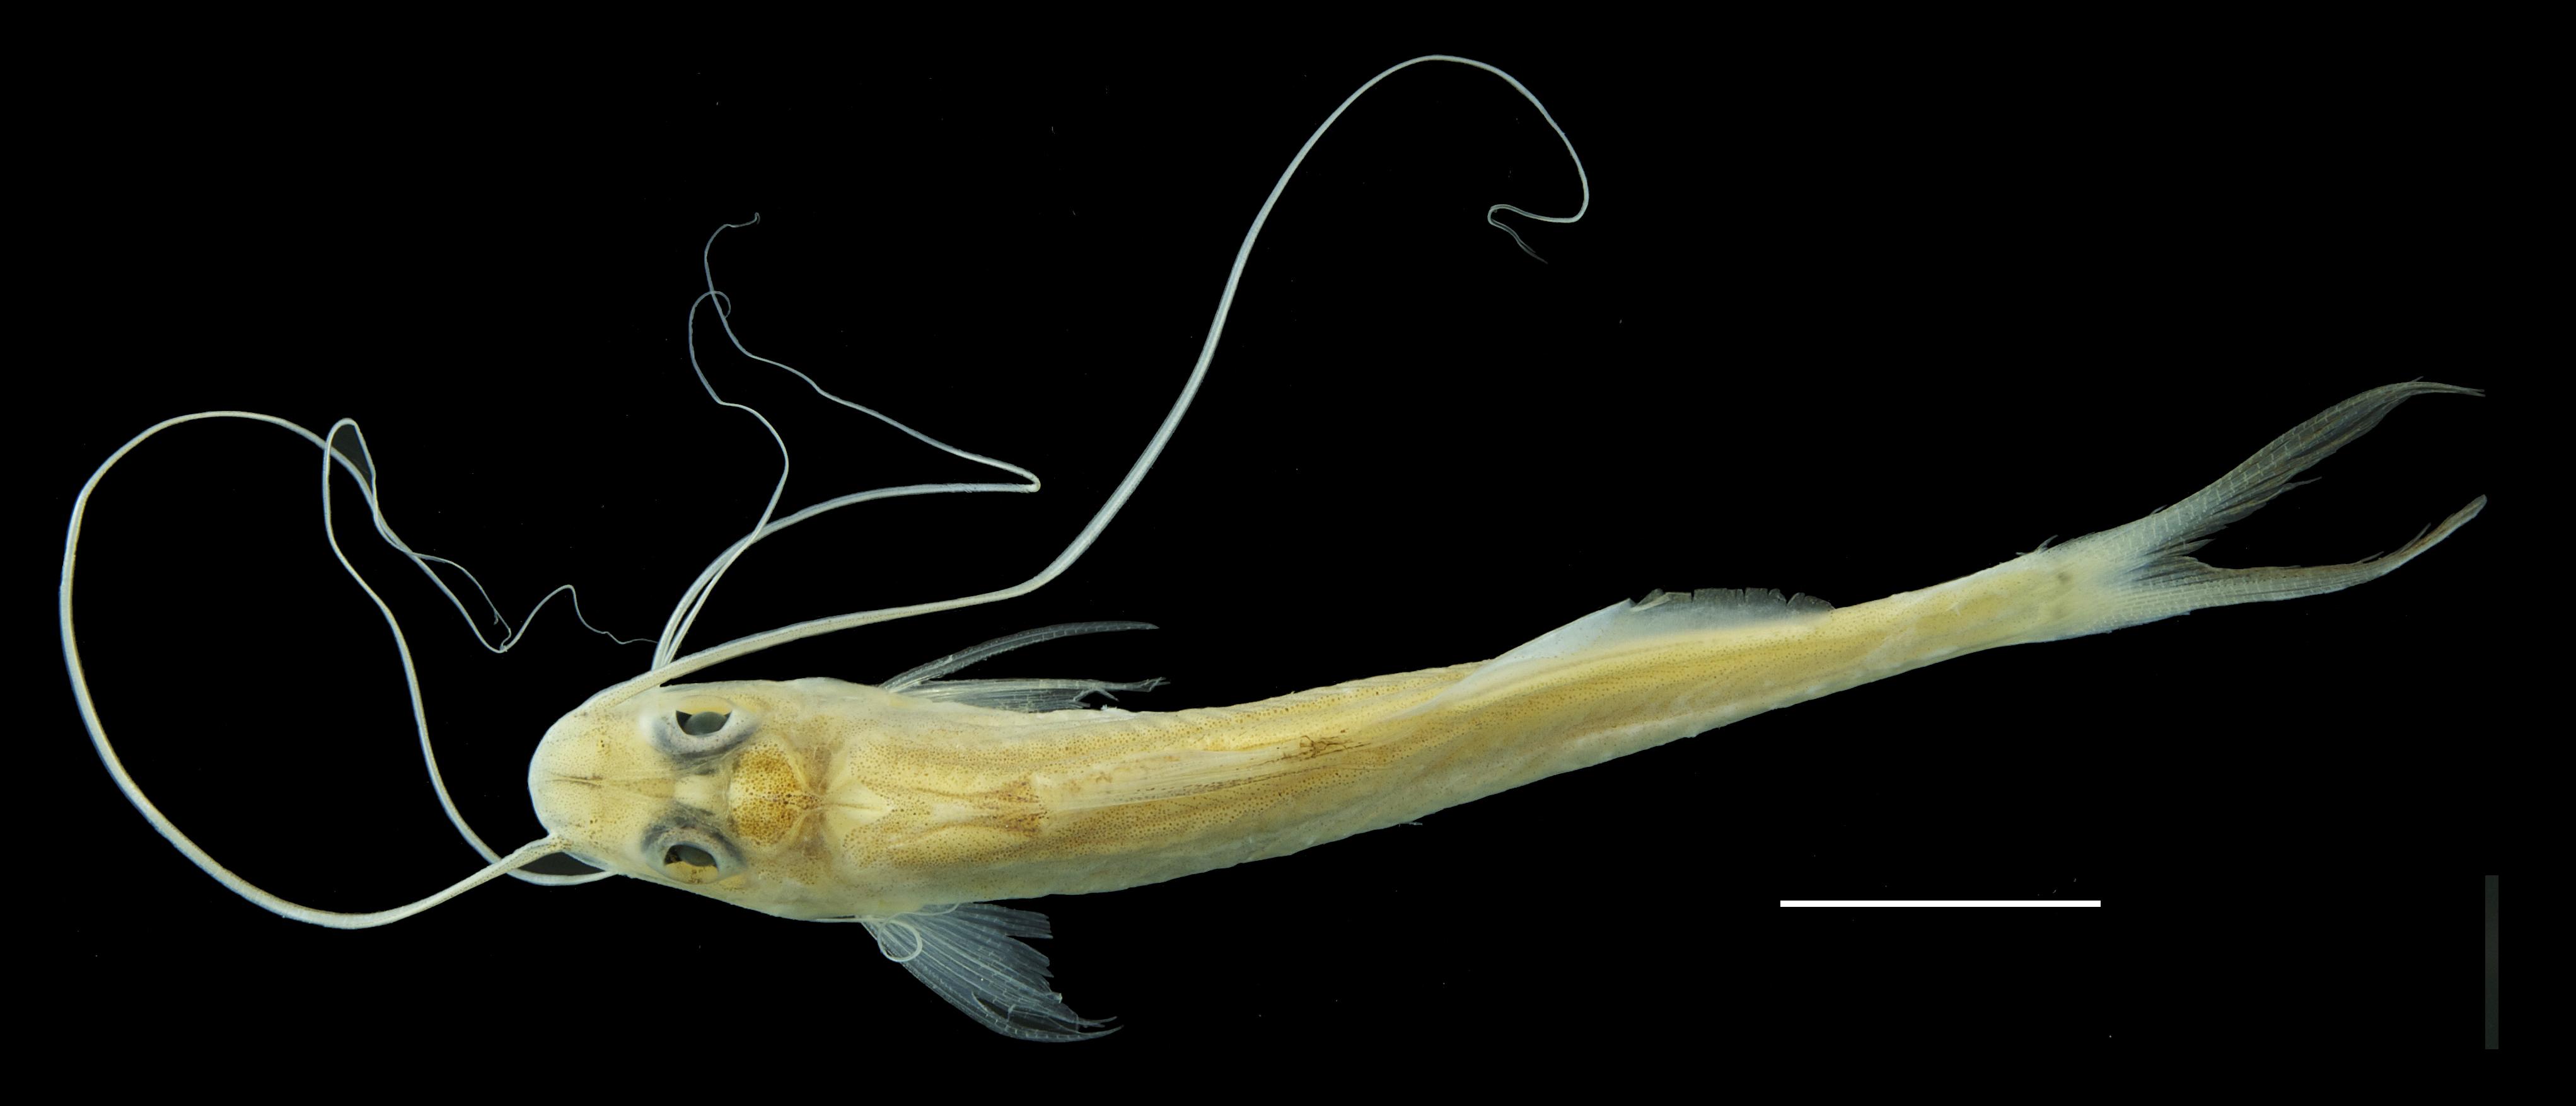 Paratípo de <em>Megalonema amaxanthum</em>, IAvH-P-11020_Dorsal, 54.0 mm SL (scale bar = 1 cm). Photograph by M. H. Sabaj Pérez